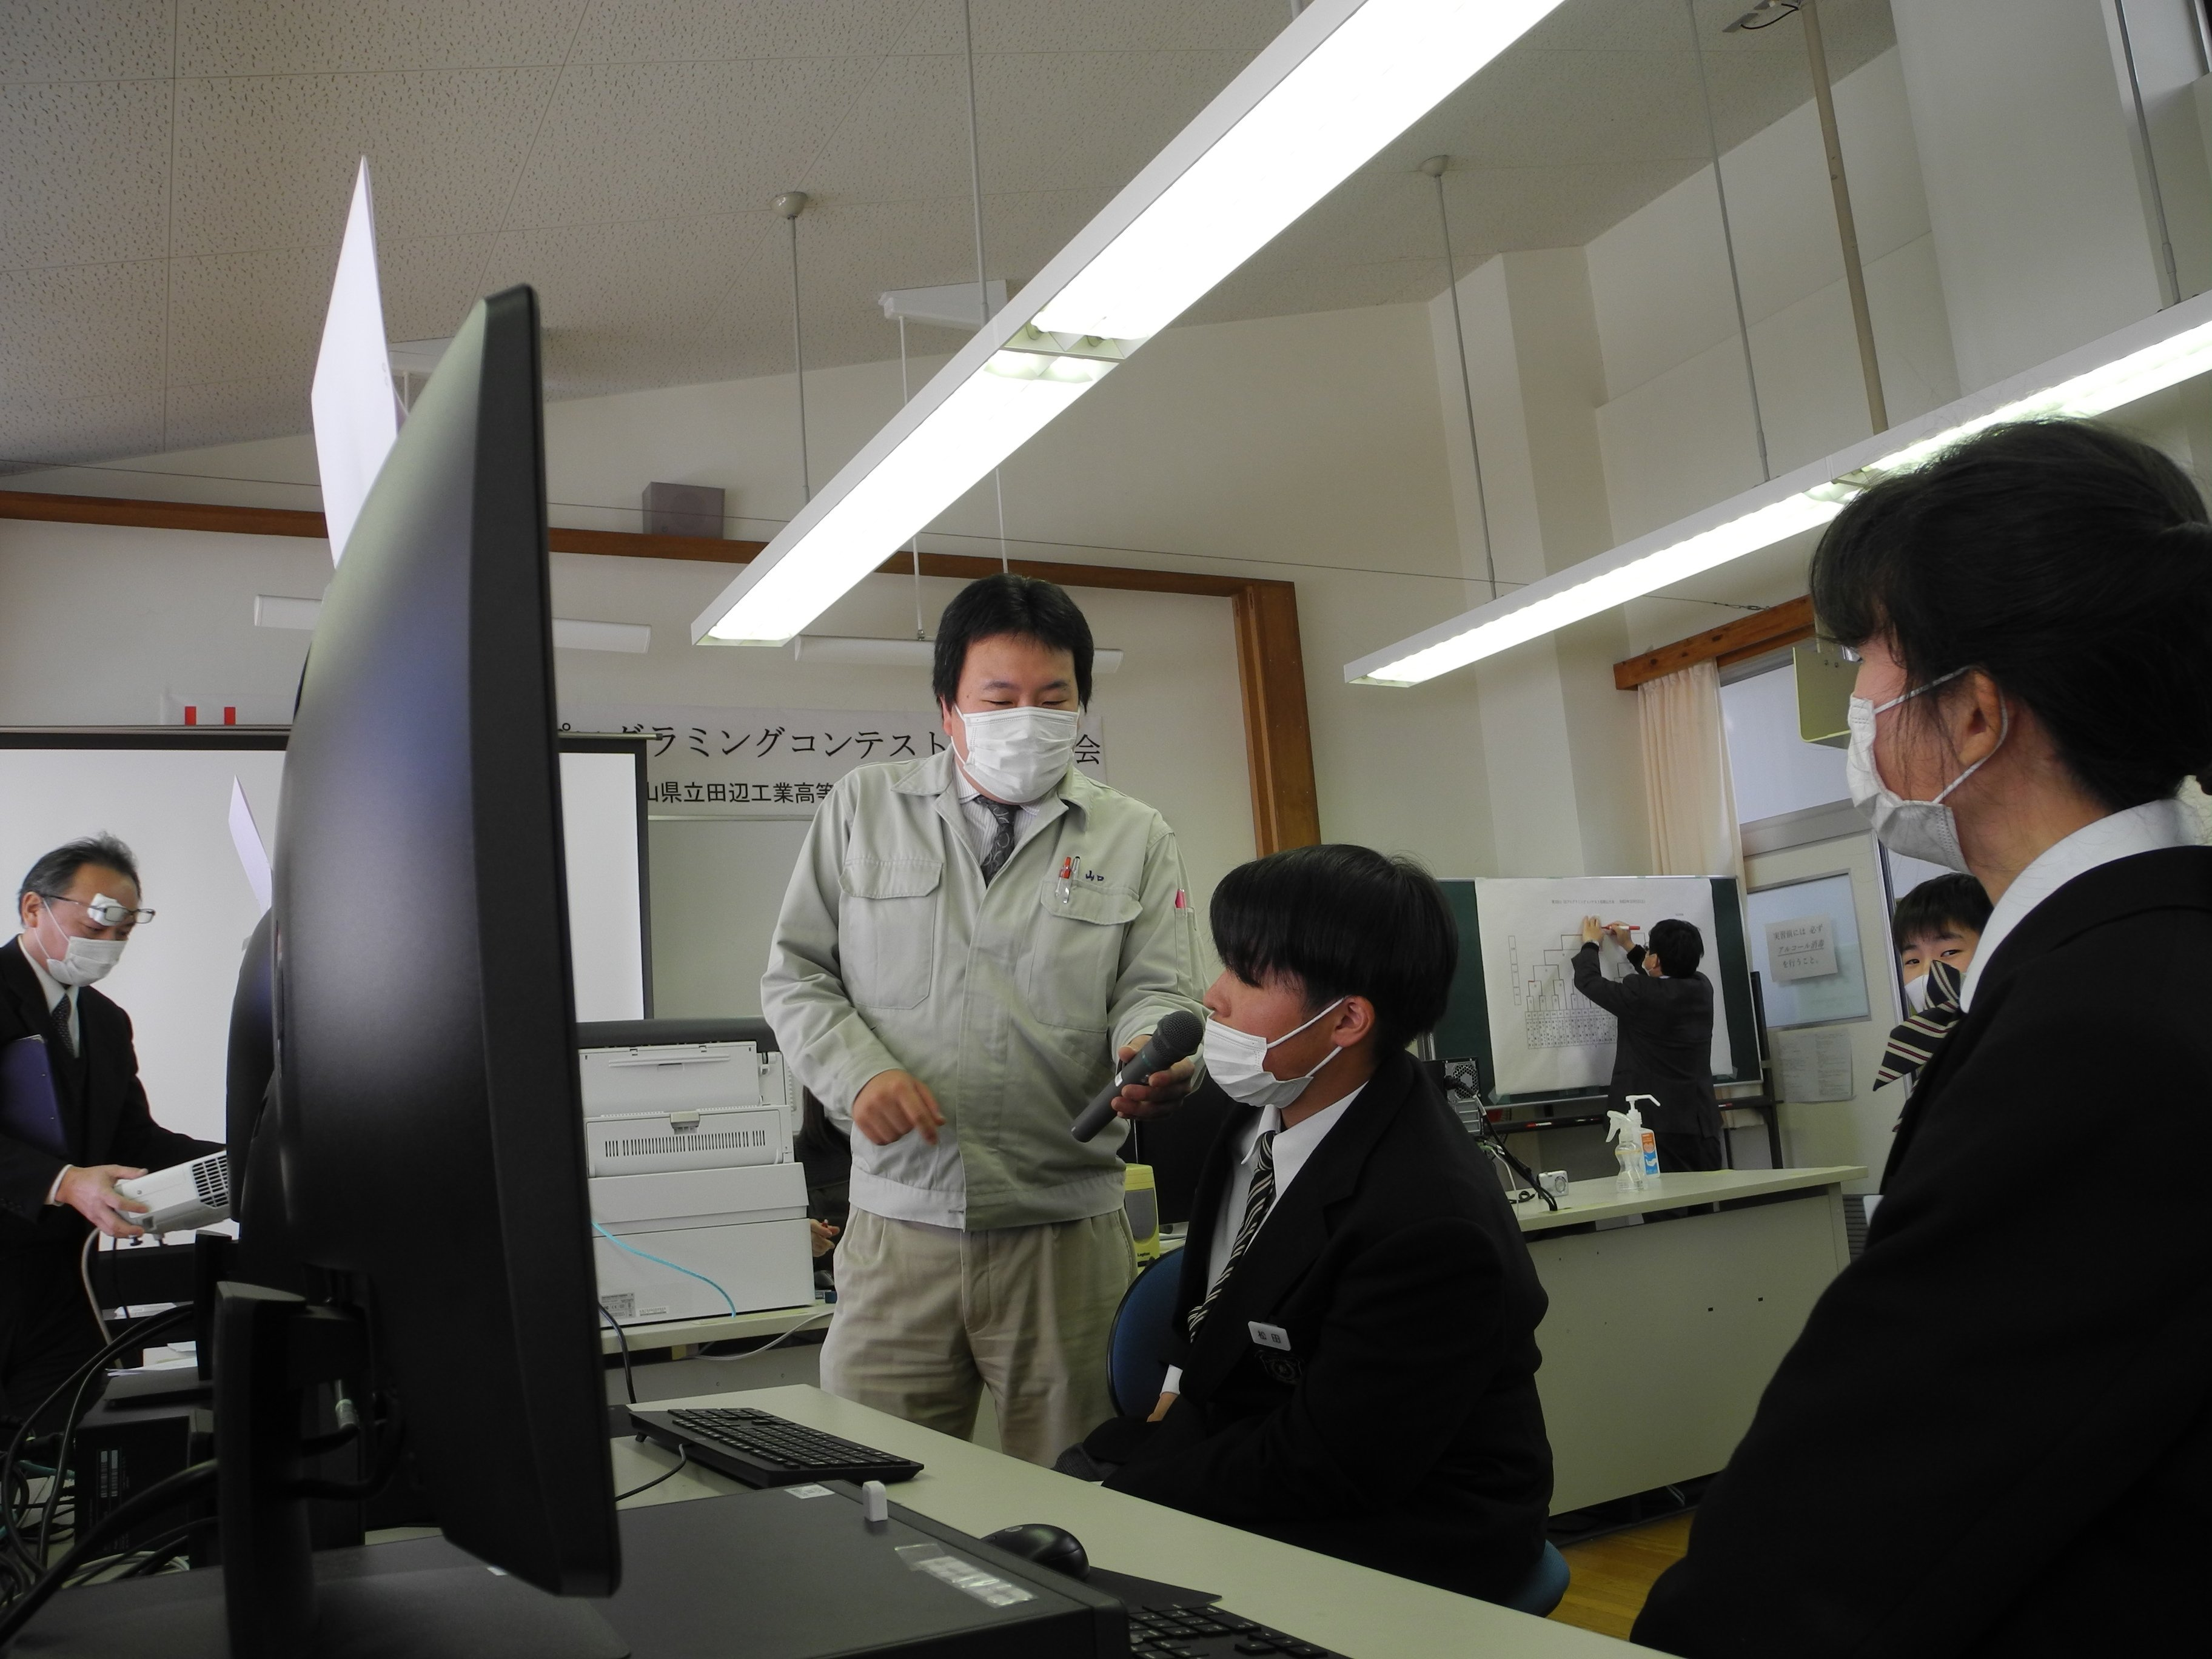 準優勝の松田旺樹さんをインタビューする名物DJの山口先生